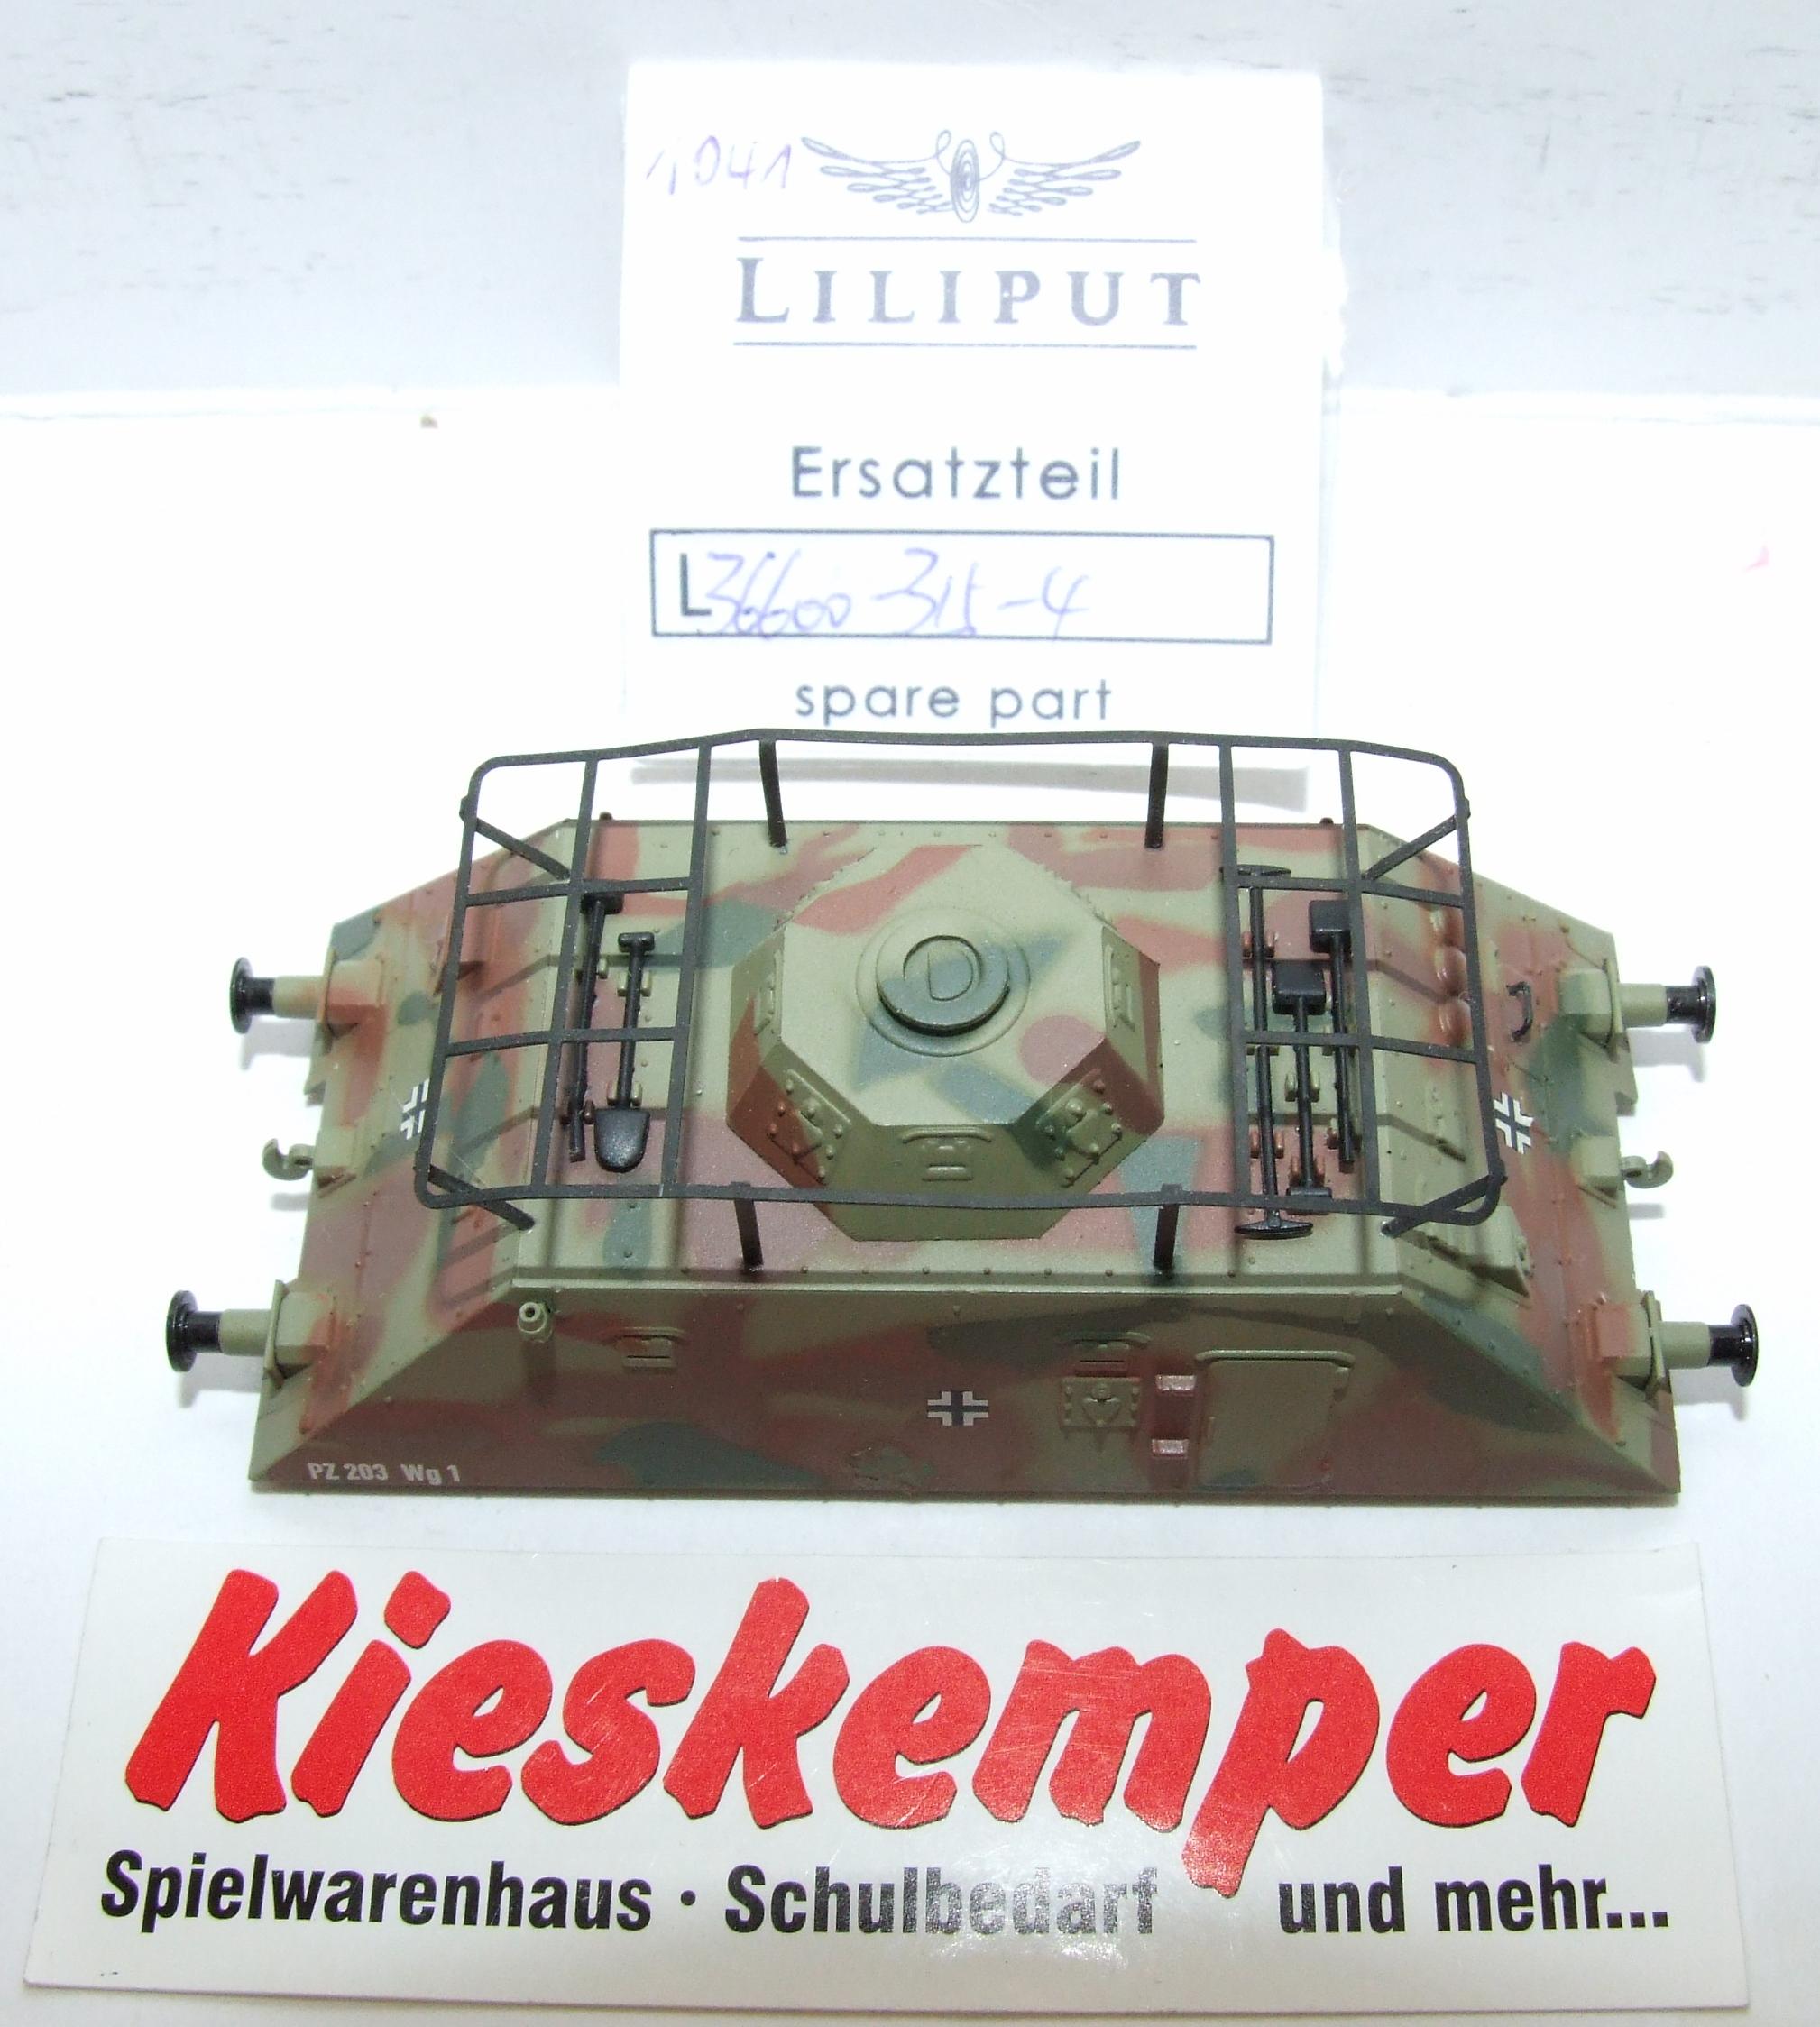 LO1041 Liliput H0 L 366003154 Gehäuse tarnfarben PZ 203 Wg1 Ersatzteil für Panzer Zug Wehrmacht